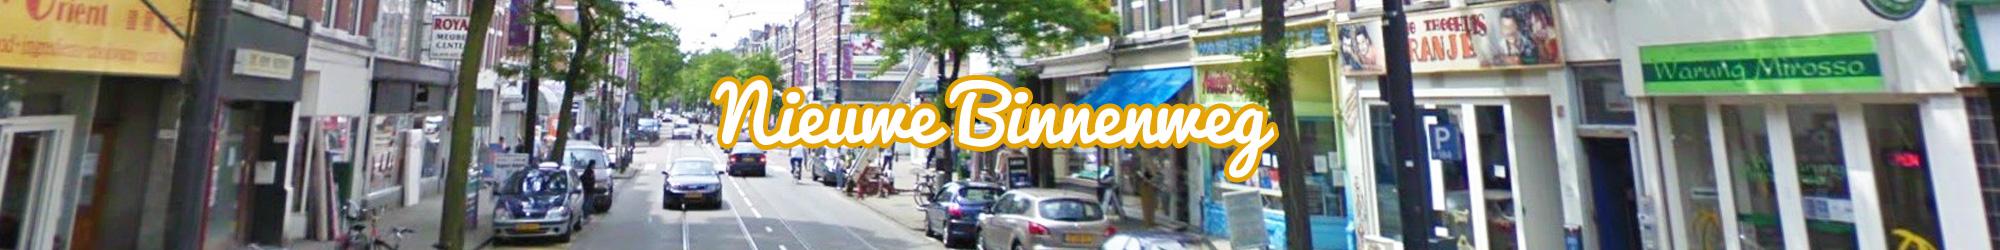 Nieuwe Binnenweg - Winkelen in Delfshaven